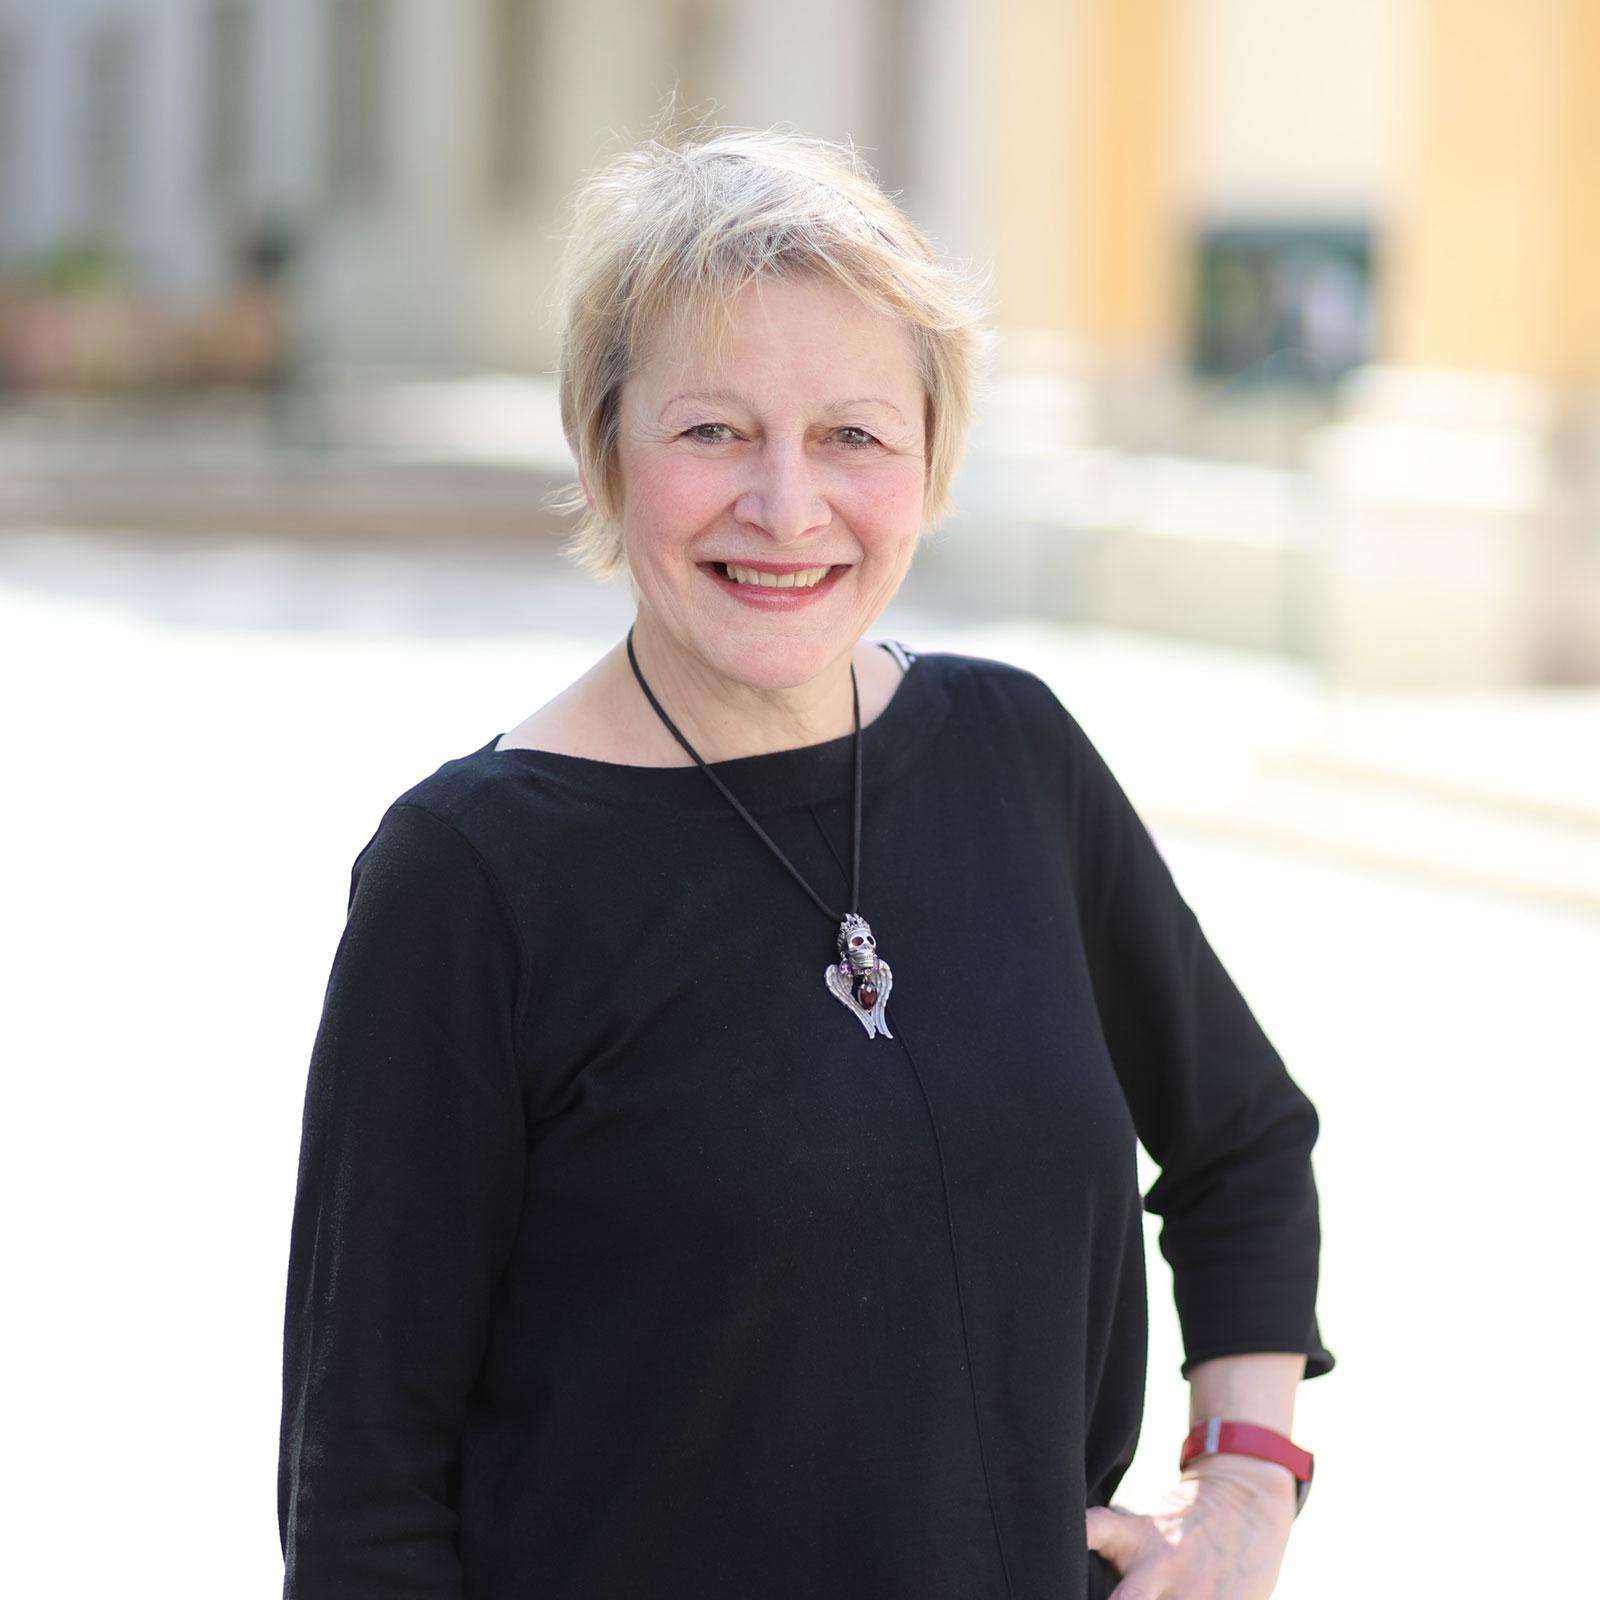 Abbildung von Architektin DI Maria Peer, kurze blonde Haare, weißes Shirt, Sichel förmige Halskette aus silber.